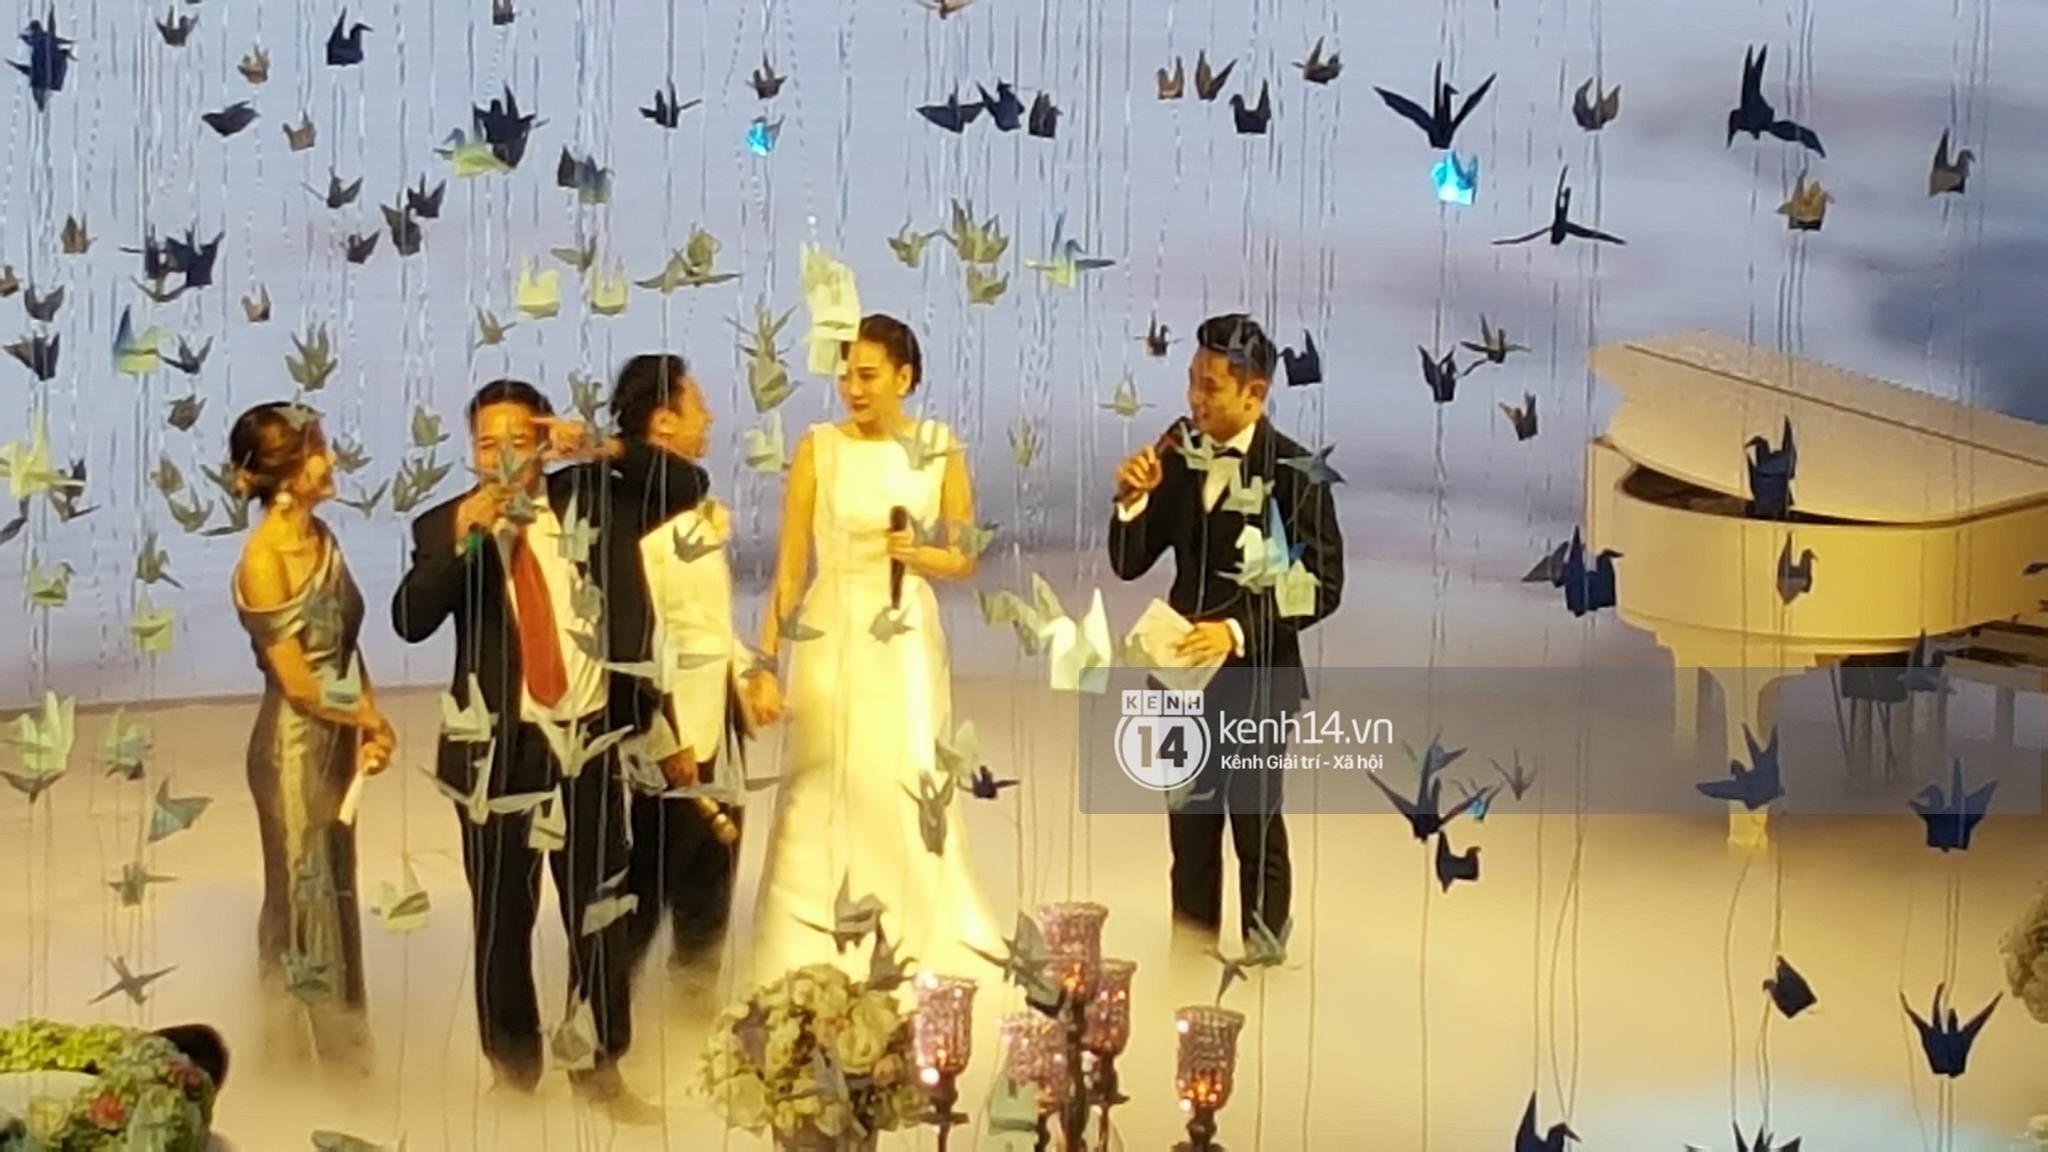 Đám cưới MC Mai Ngọc: Không gian lộng lẫy, cầu kỳ, xứng đáng là đám cưới sang chảnh nhất Hà Nội hôm nay - Ảnh 27.